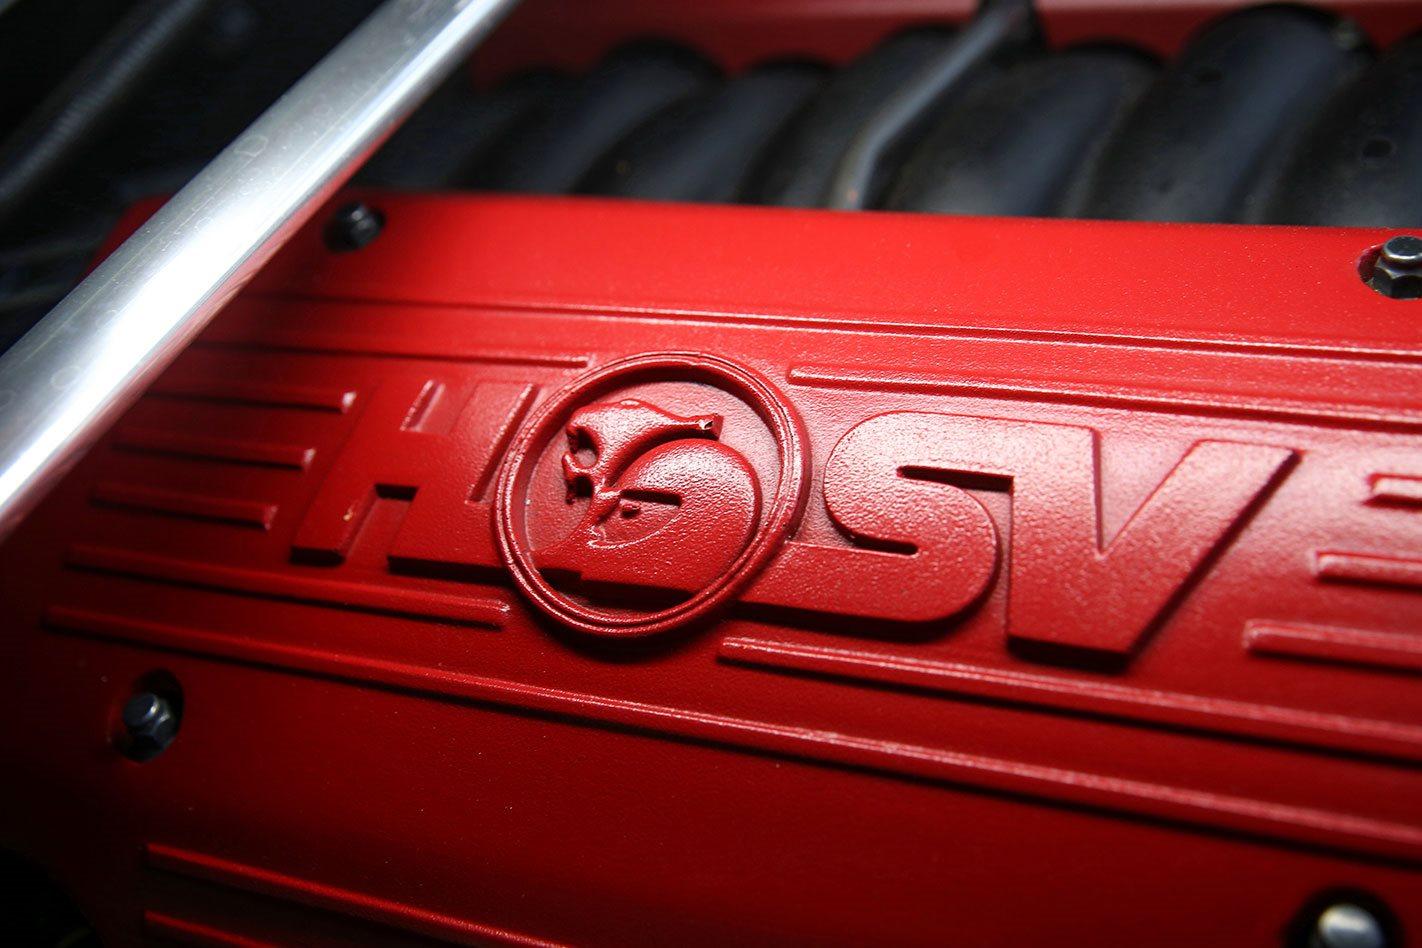 HSV VT Series 2 GTS V8